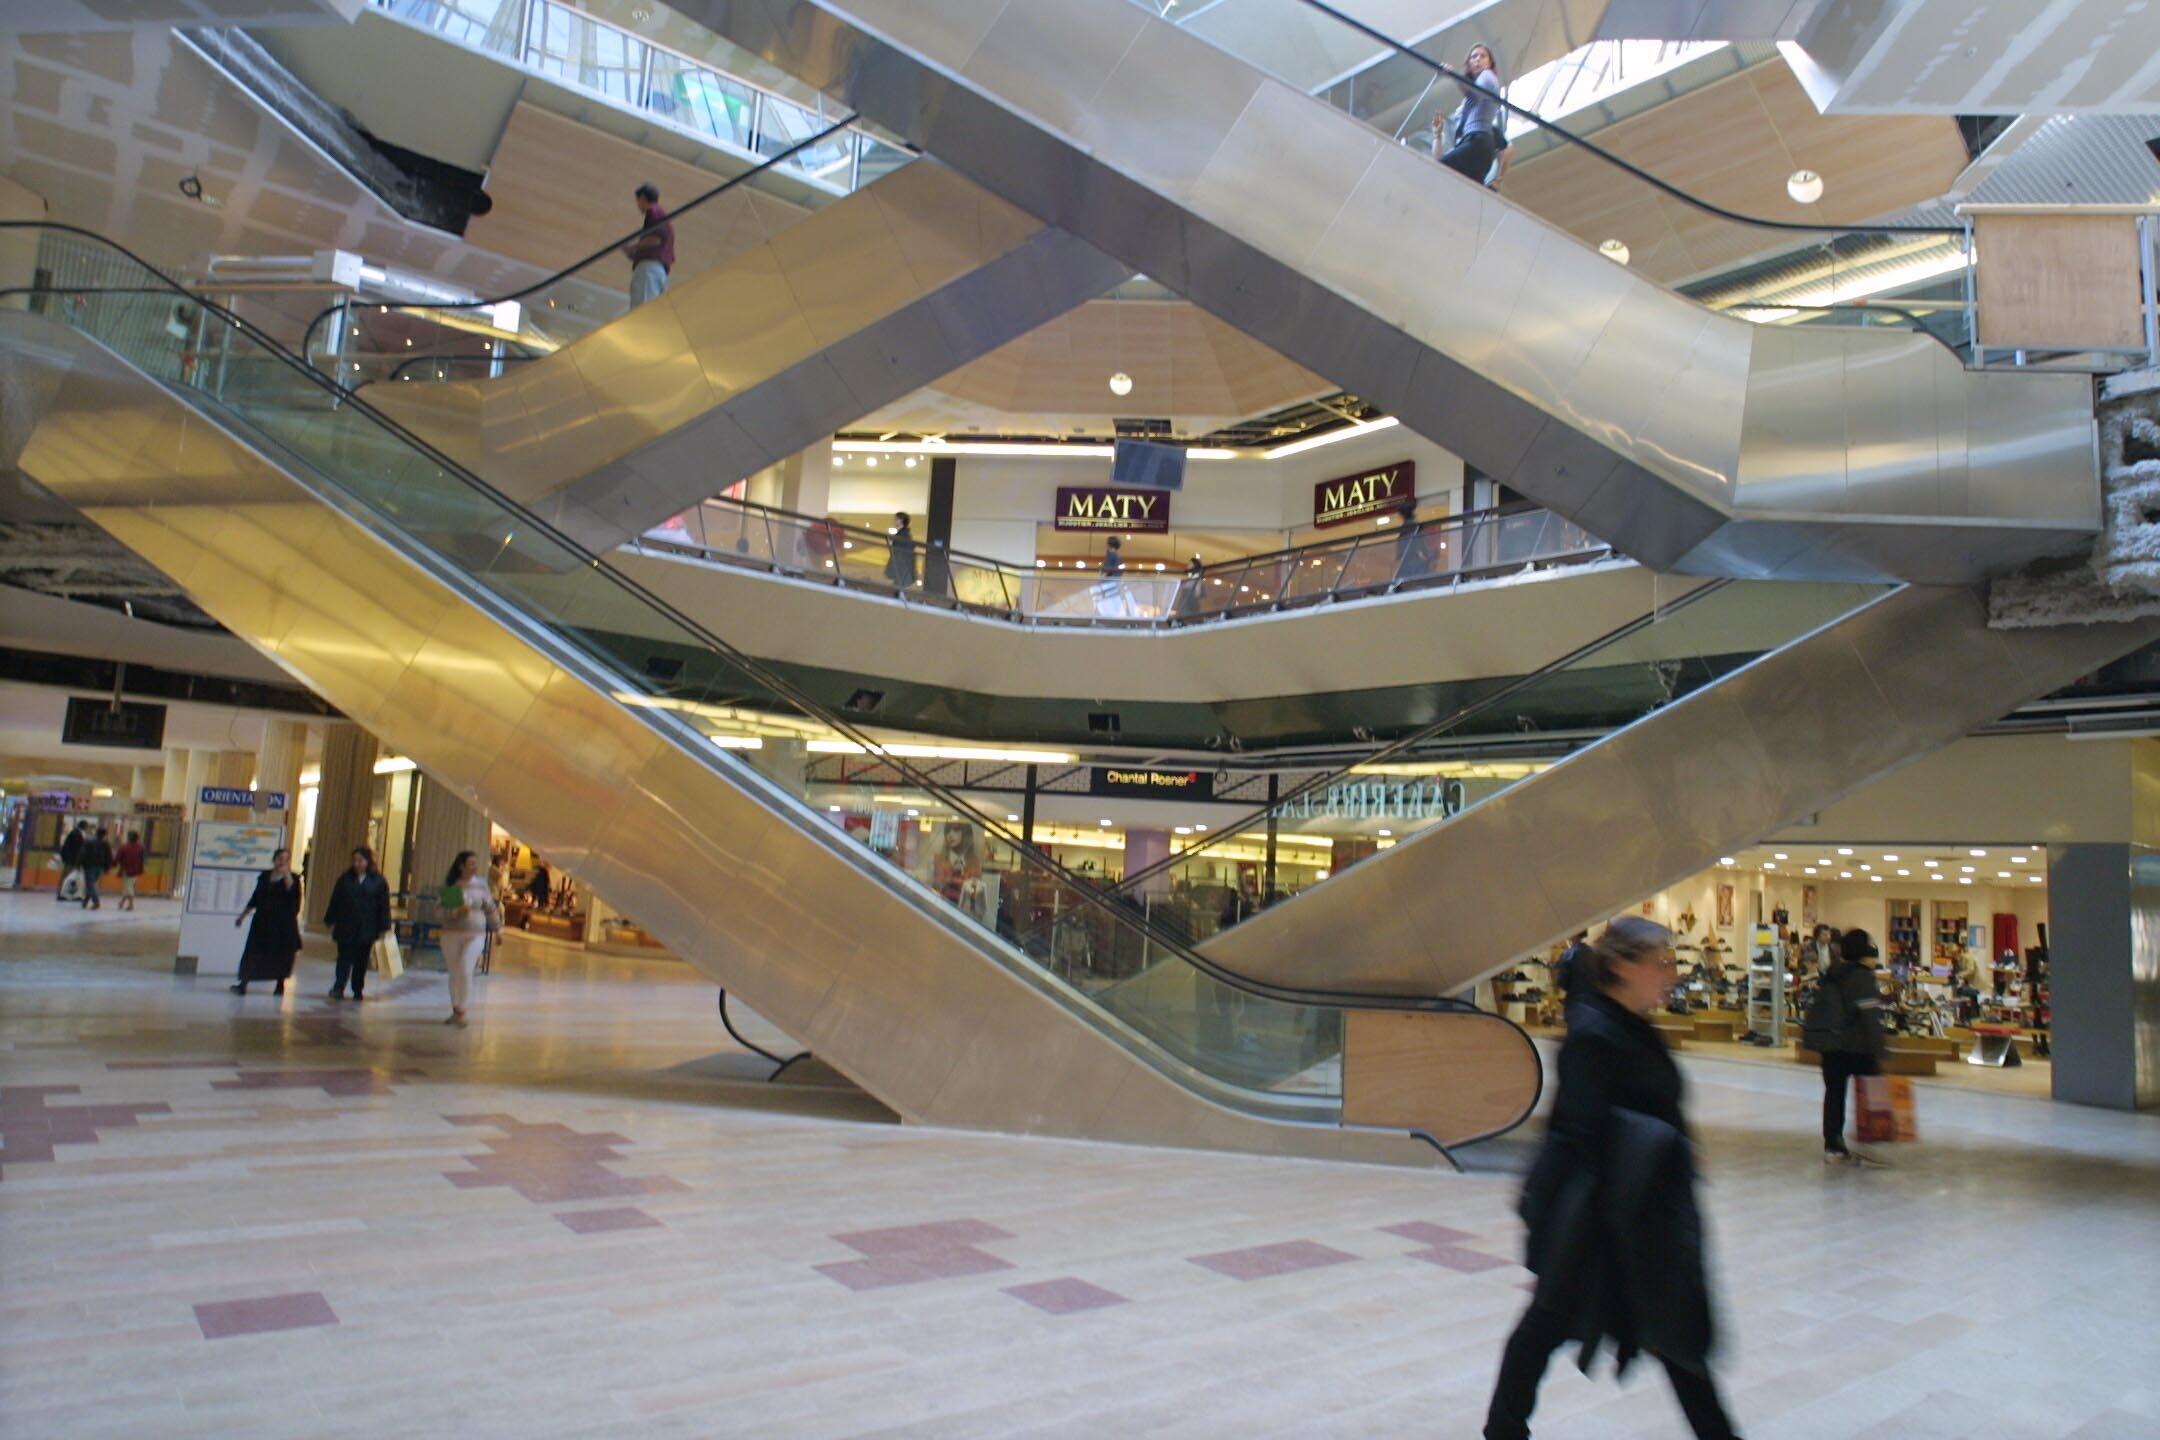 Photographes en rh ne alpes r novation du centre - Centre commercial la jonquera ...